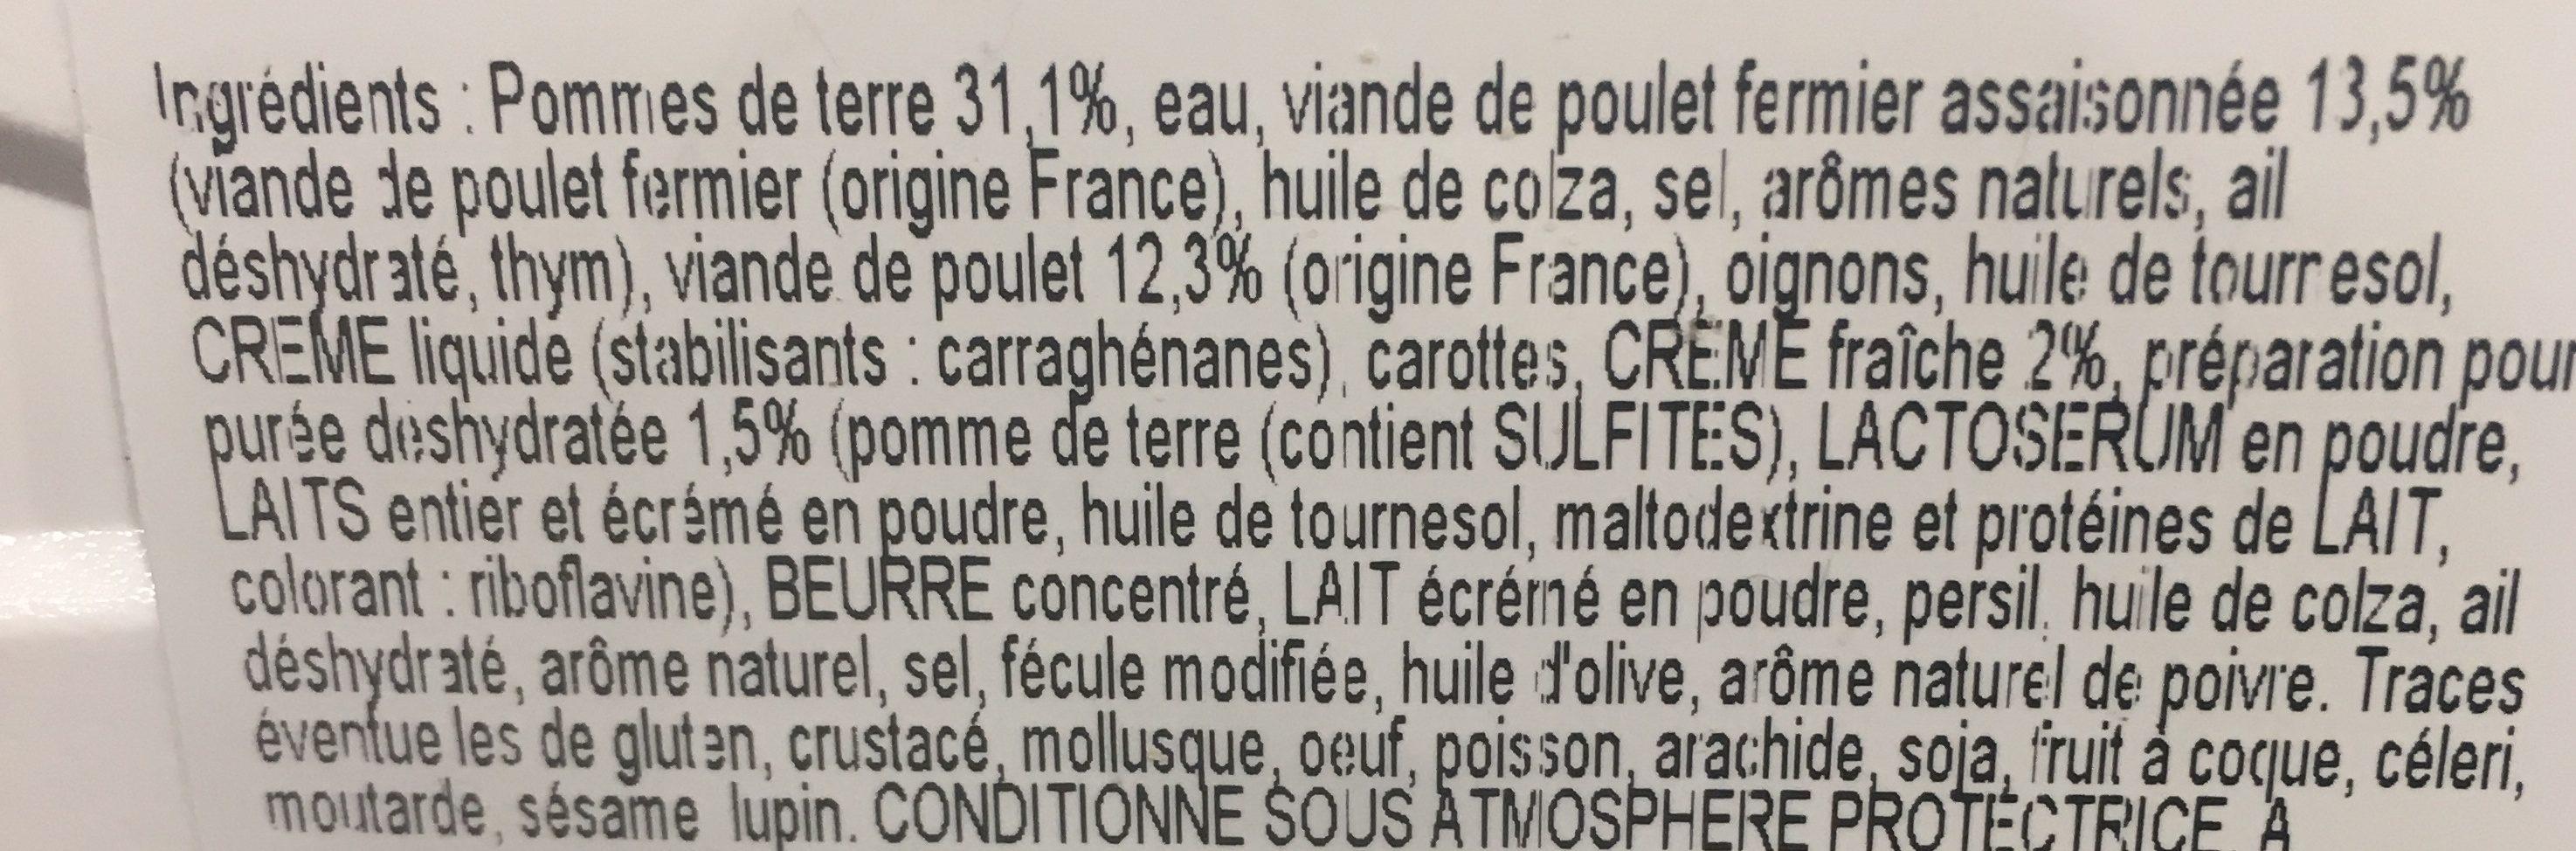 Parmentier au poulet fermier - Ingrédients - fr